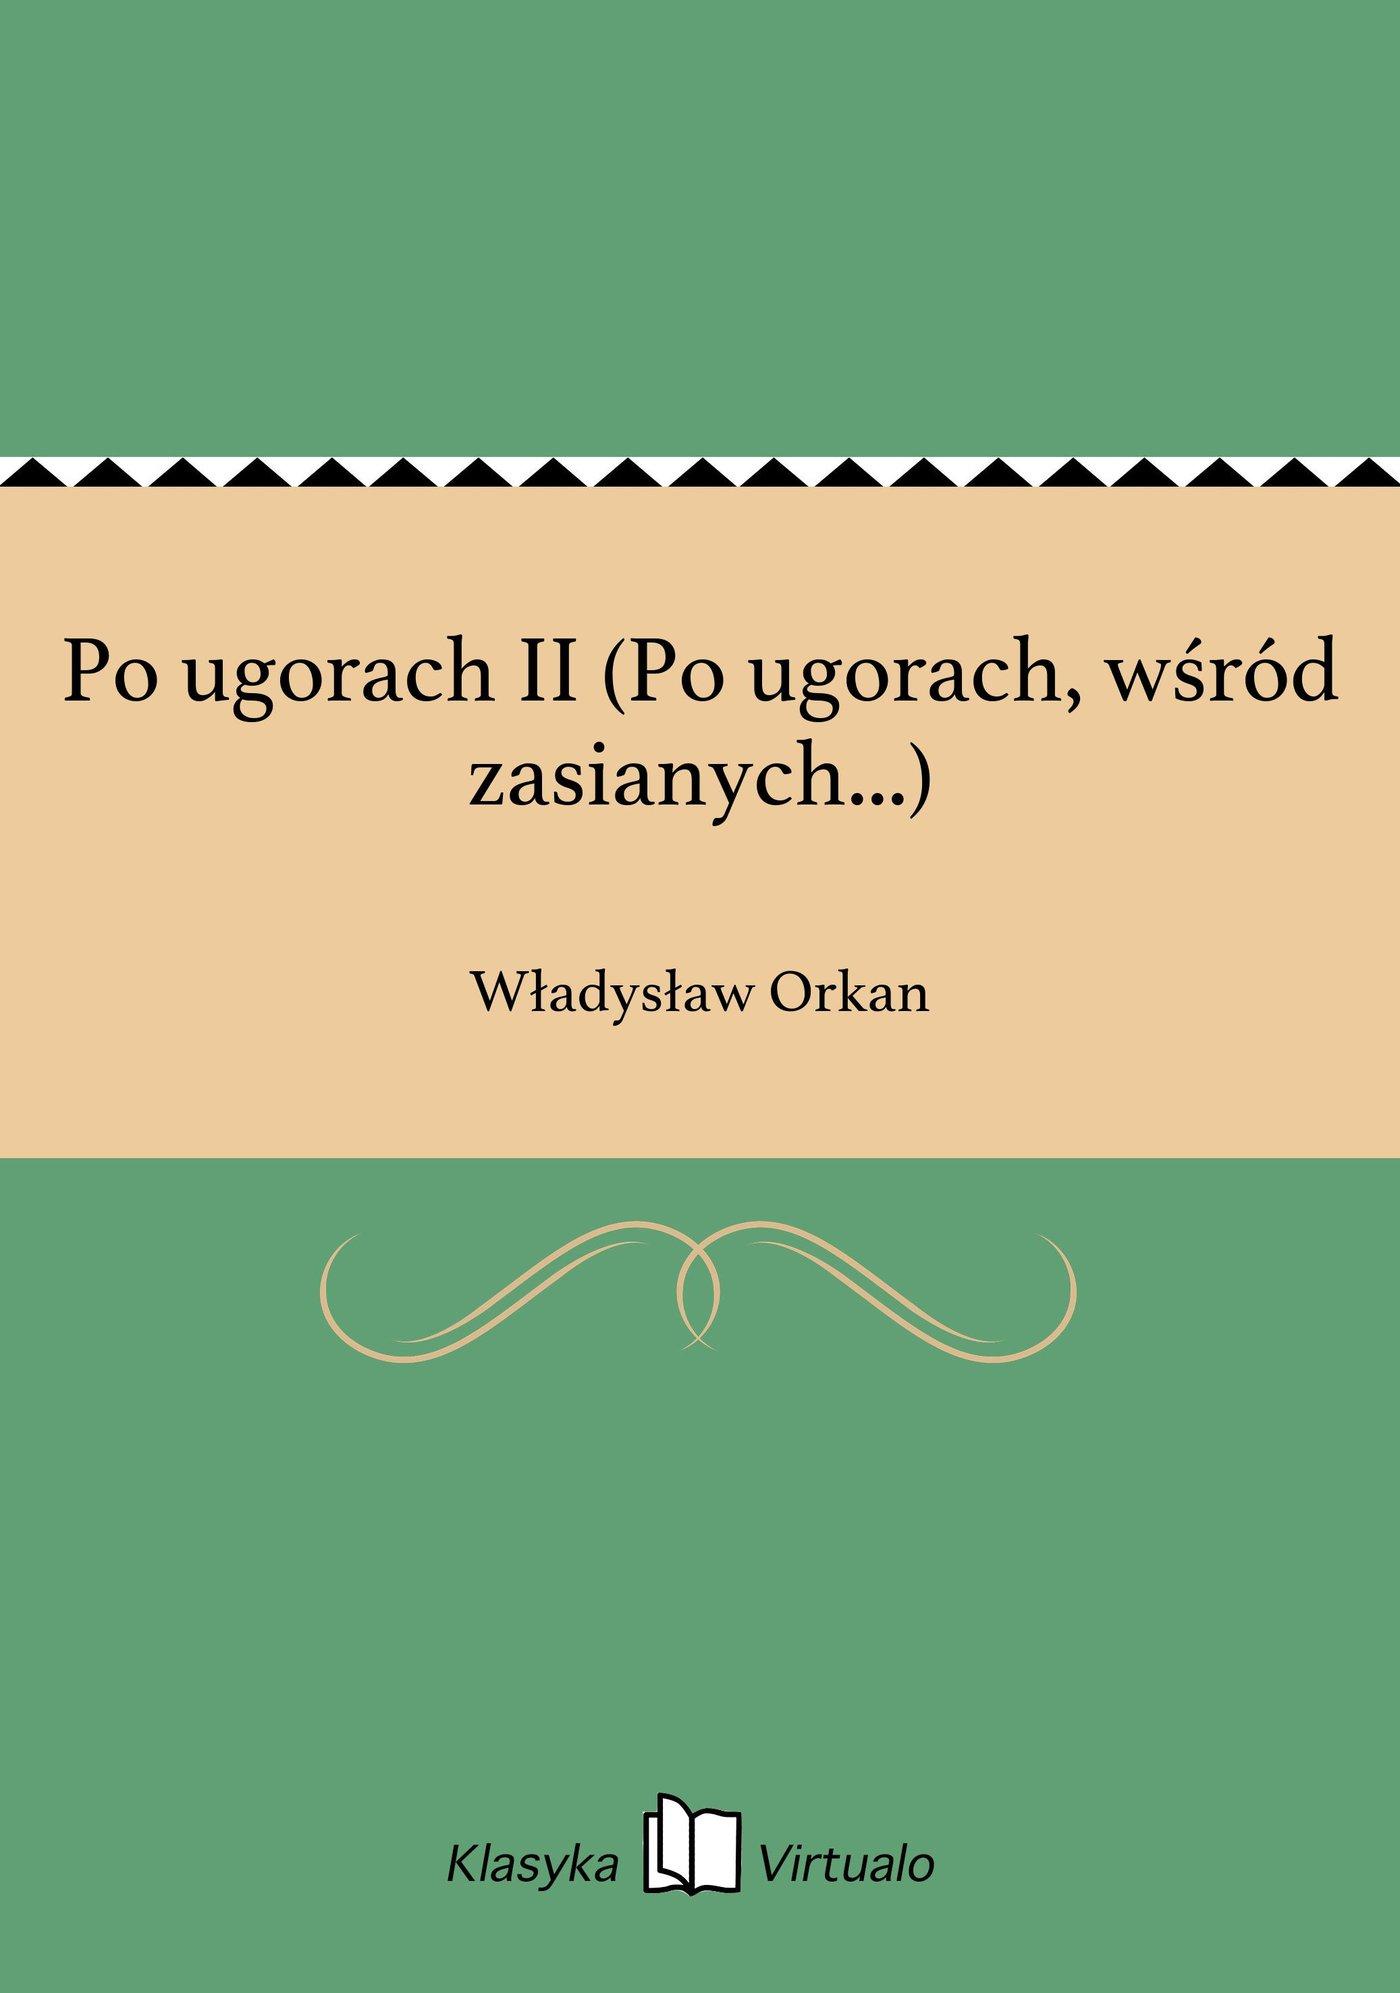 Po ugorach II (Po ugorach, wśród zasianych...) - Ebook (Książka EPUB) do pobrania w formacie EPUB